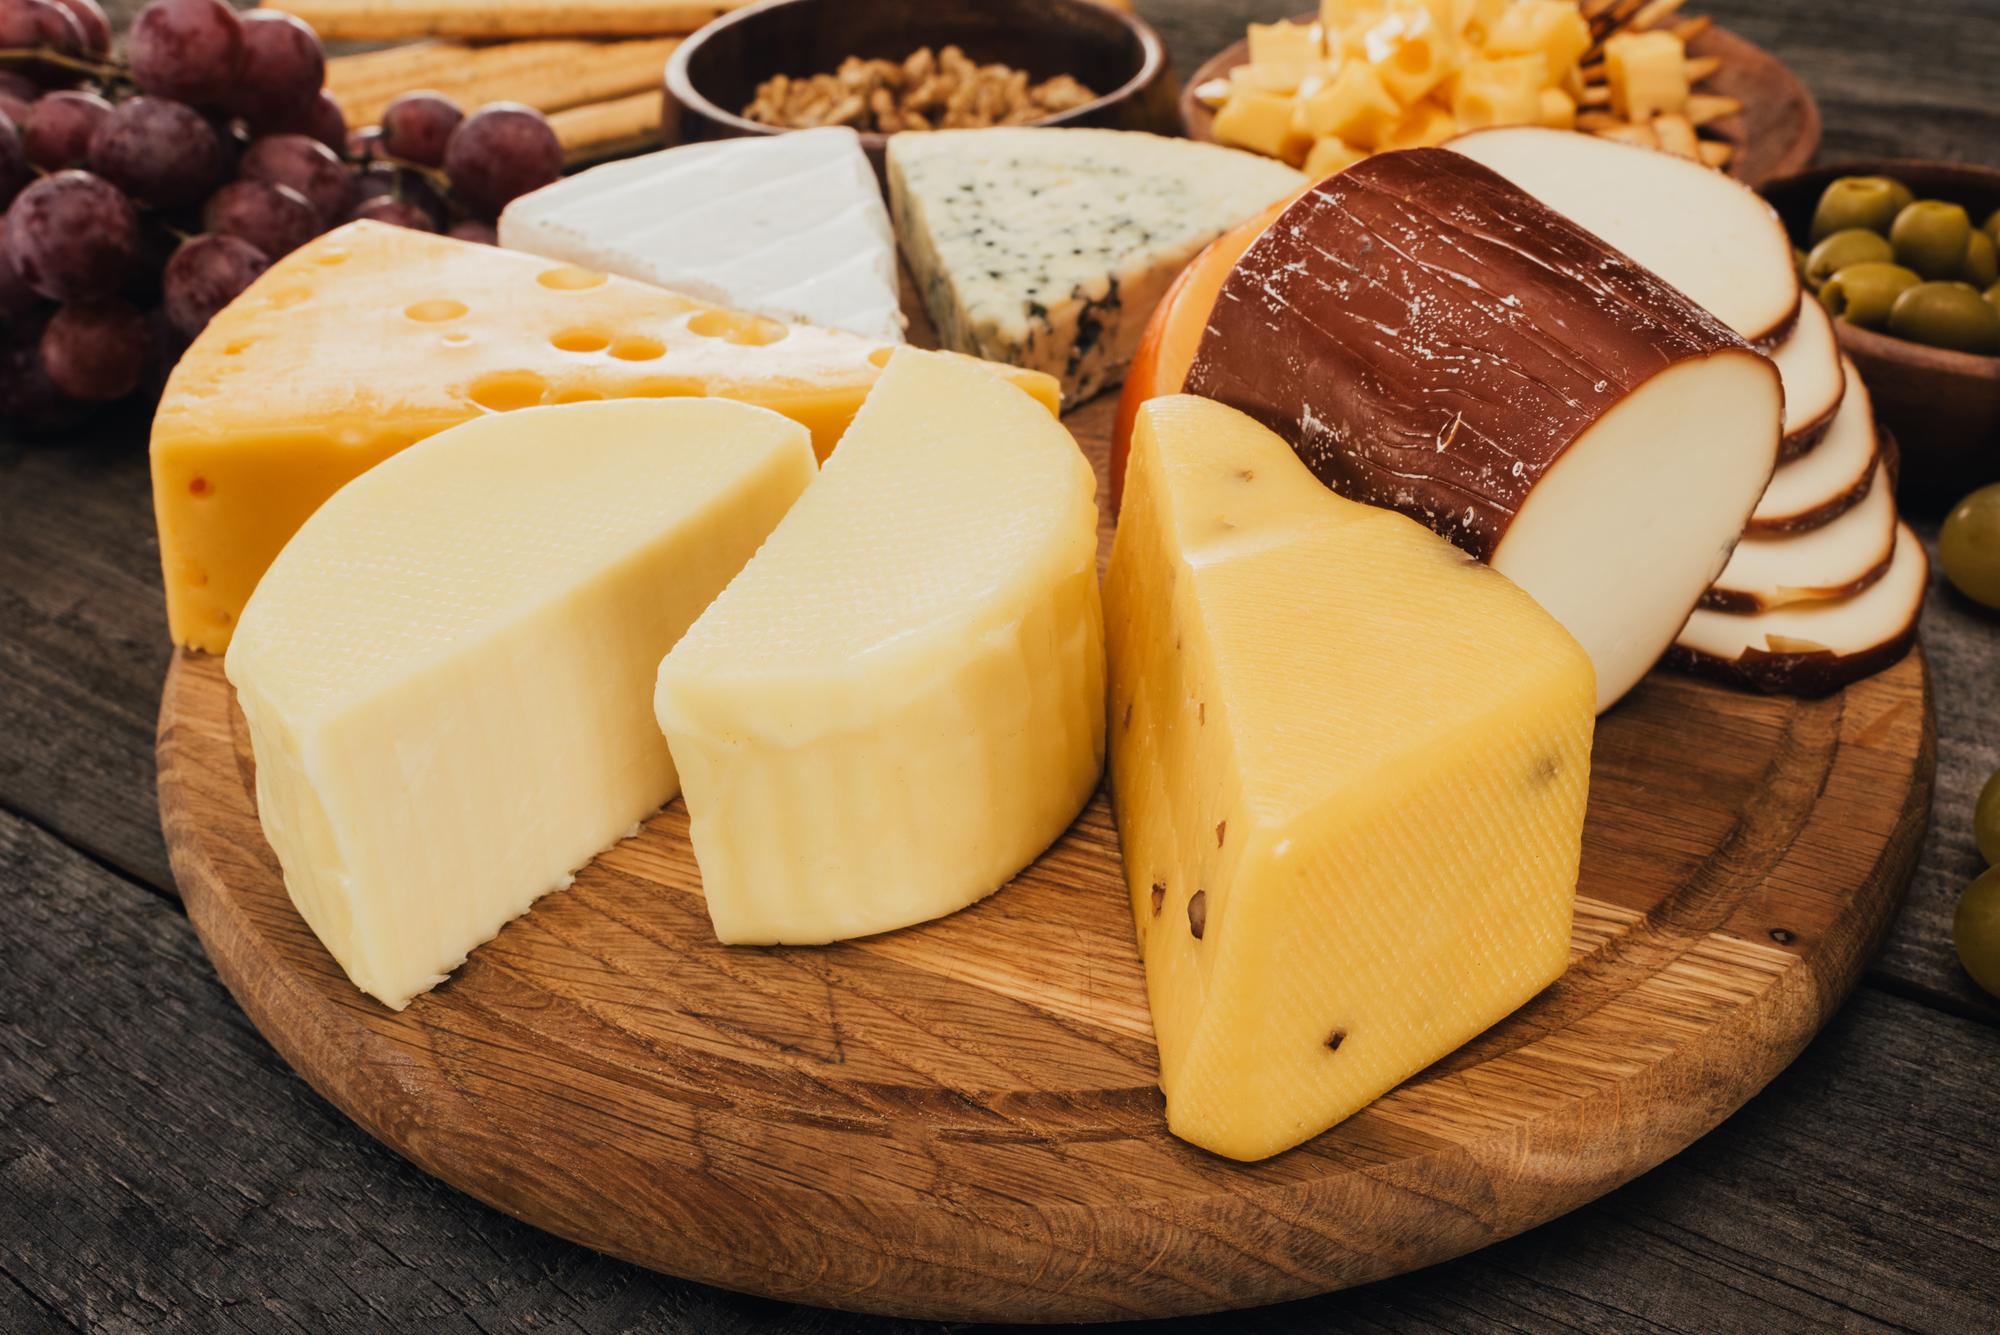 sajtok